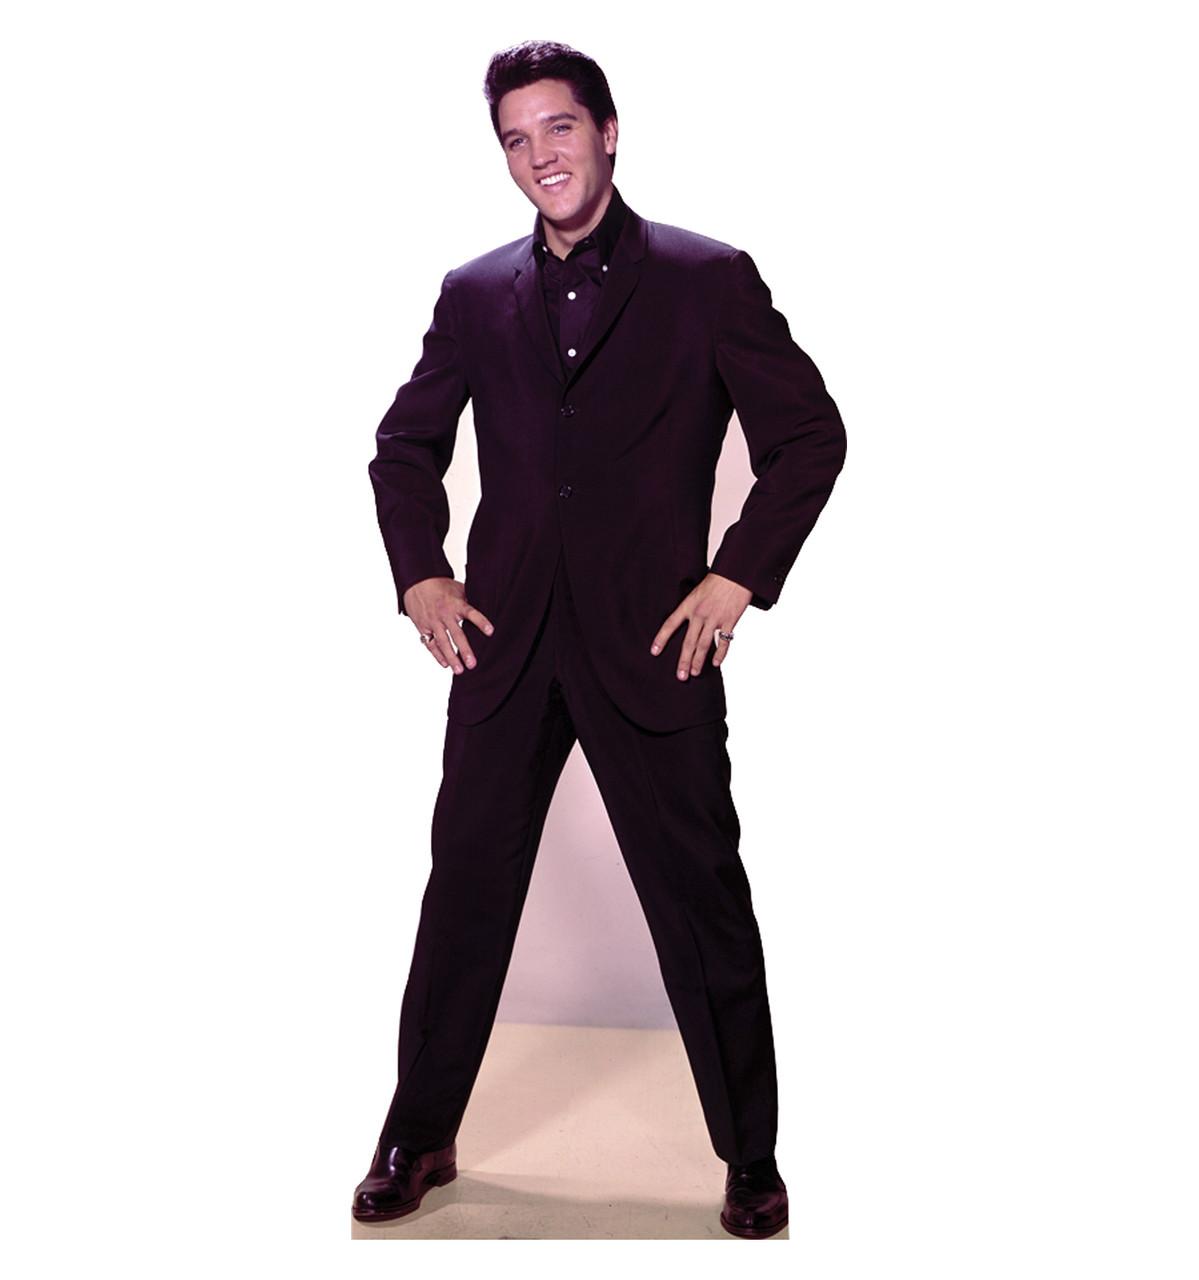 Life-size Elvis Hands on Hips Cardboard Standup